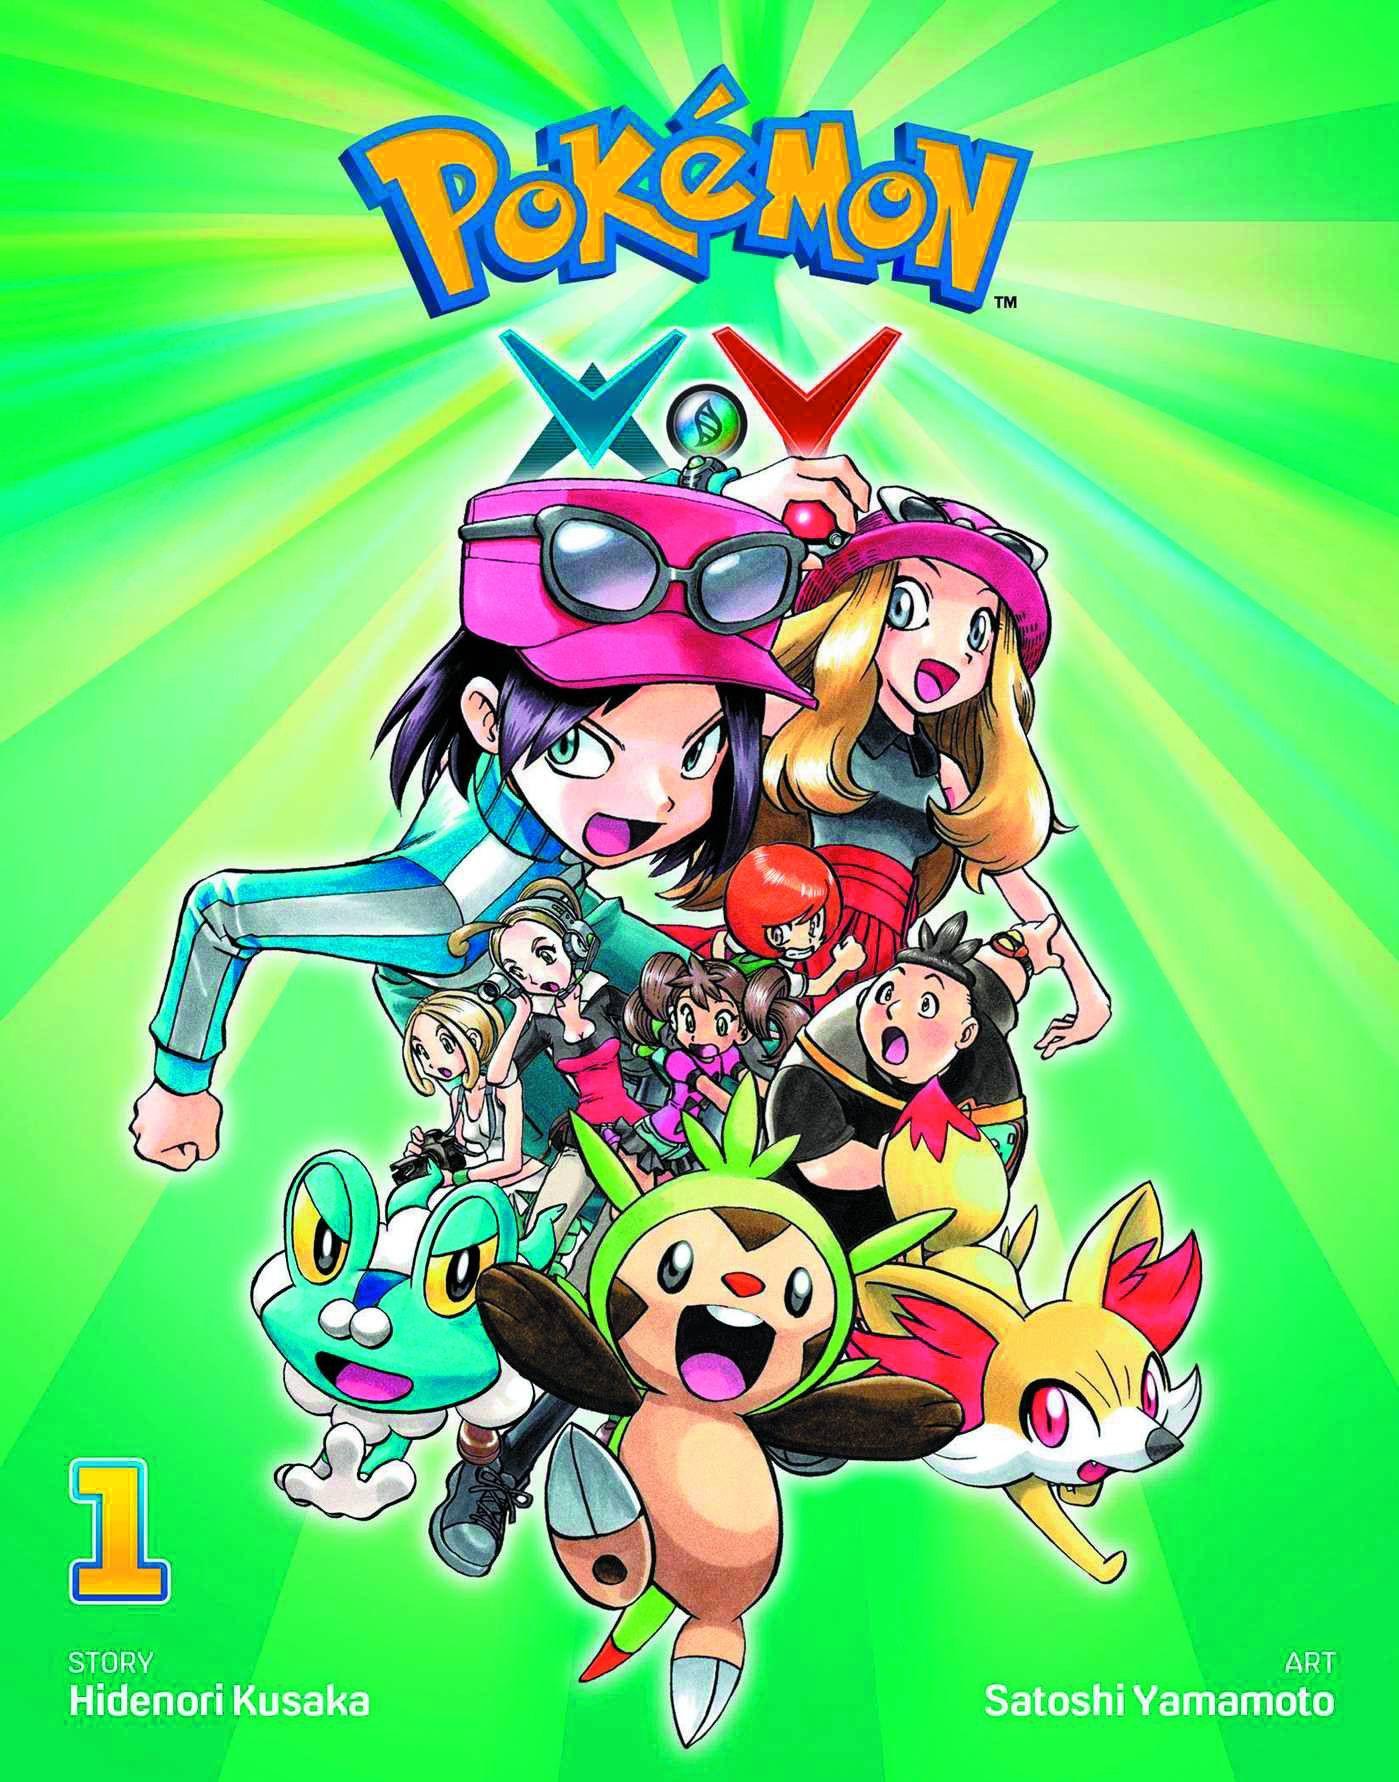 POKEMON XY GN VOL 01 Pokemon